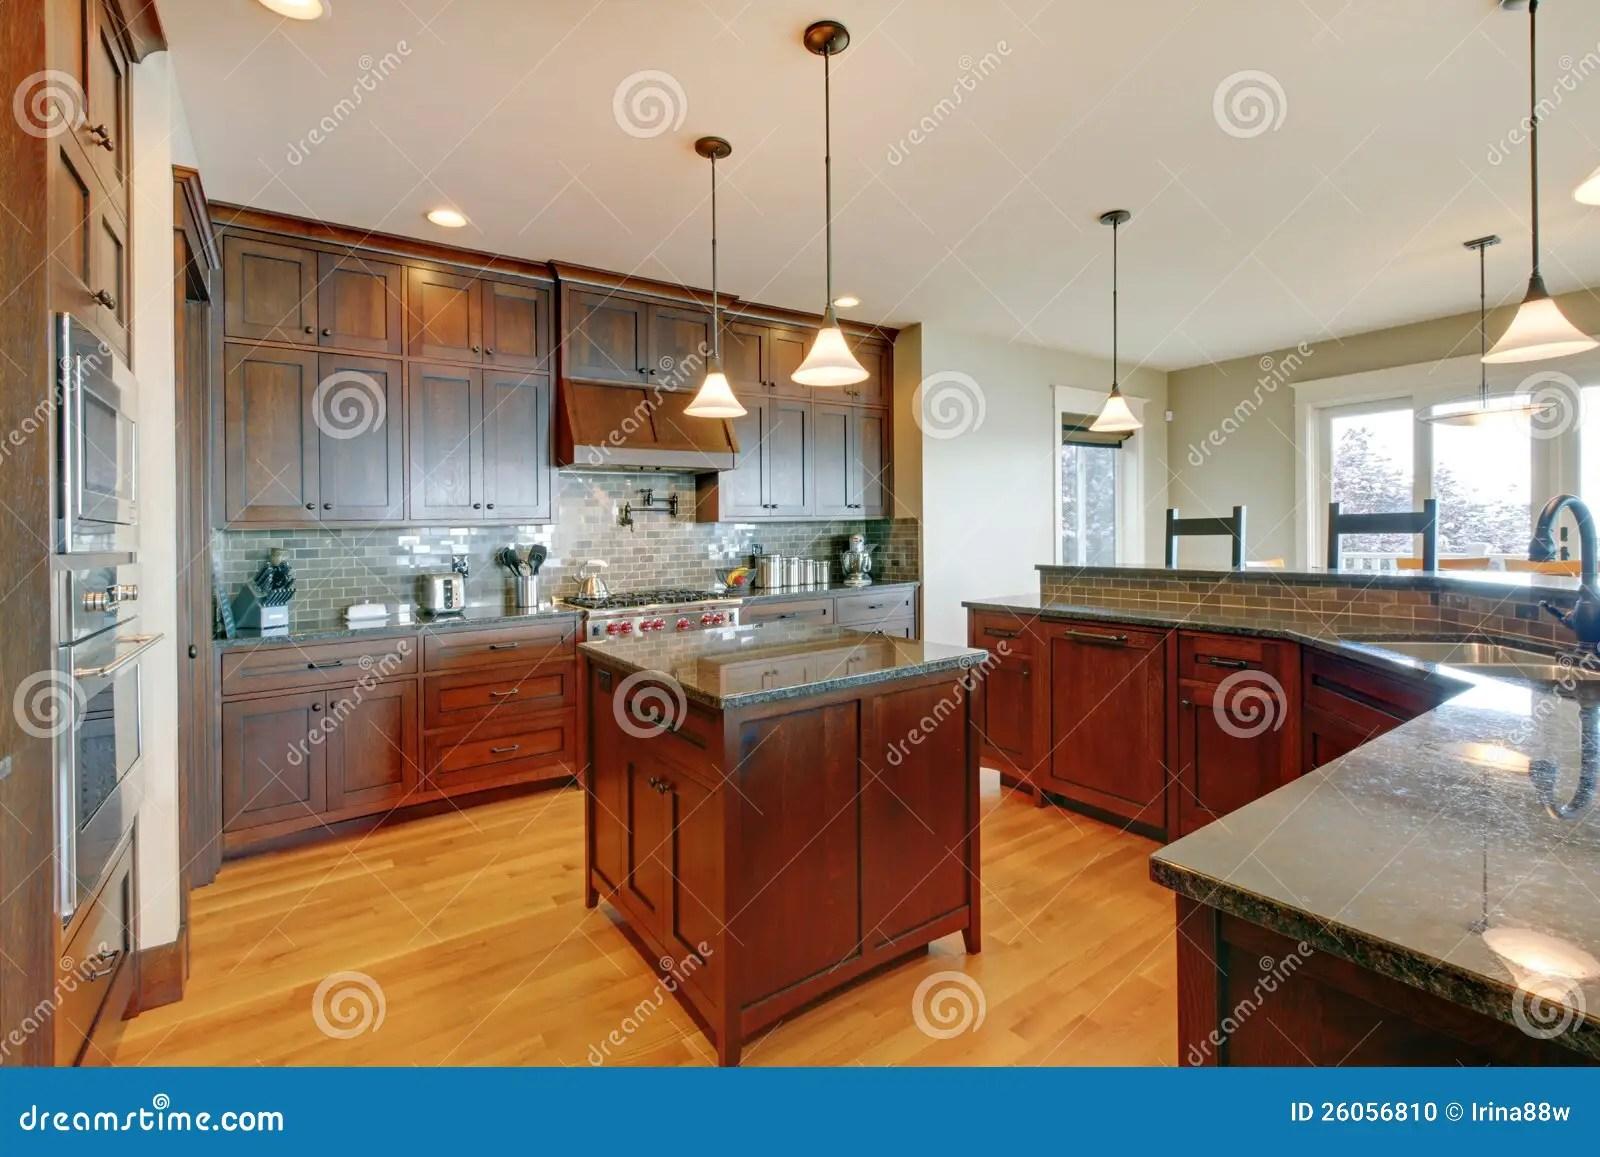 kitchen updates pantry cabinets freestanding 豪华松木美丽的自定义厨房库存照片 图片包括有房子 厨房 更新 实际 豪华与海岛和花岗岩的松木美丽的自定义厨房内部装饰业